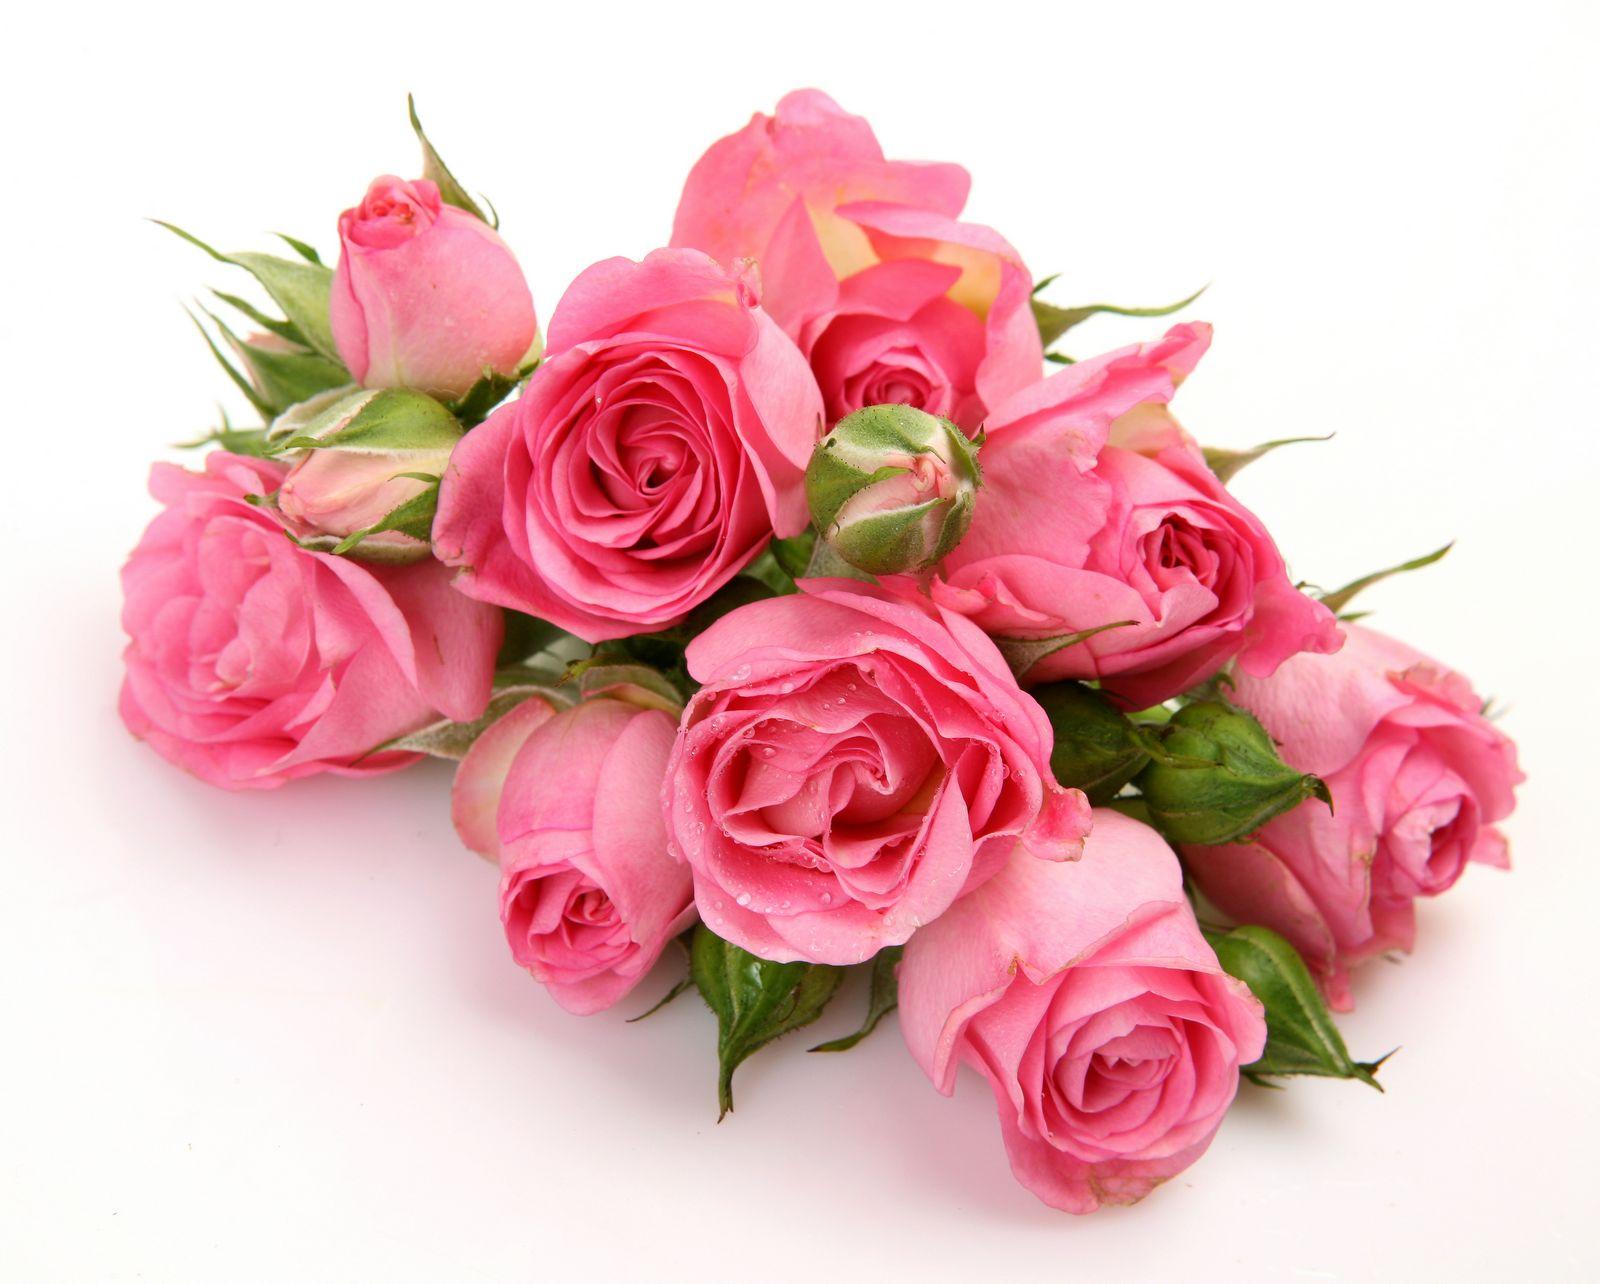 девичник, розовые розы картинки красивые горизонтальные они входят